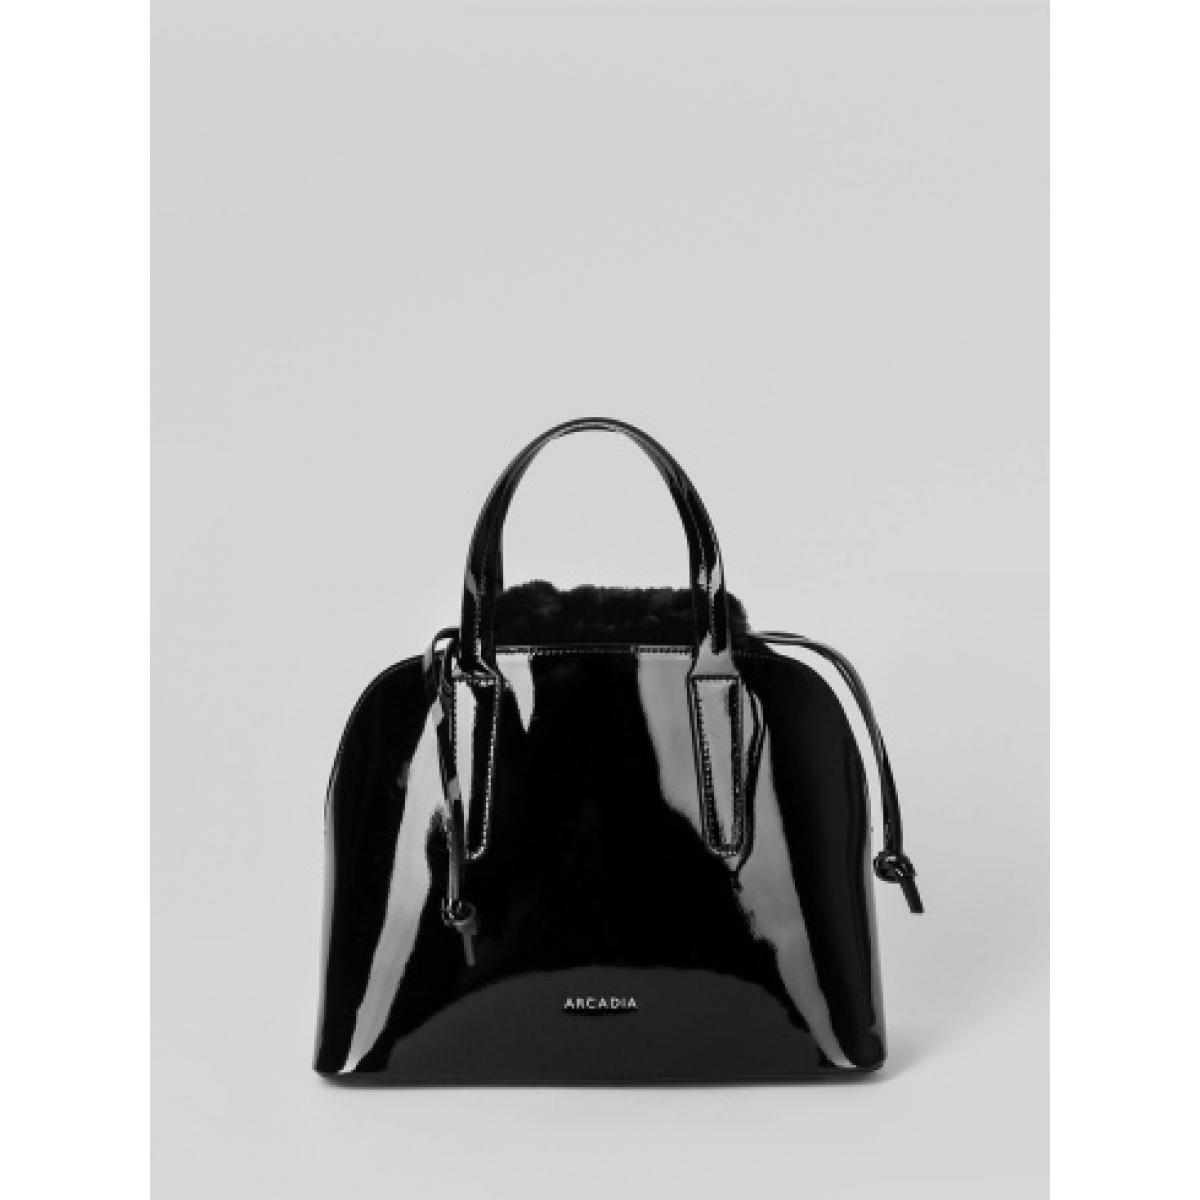 Arcadia 4708 patent nero., сумка., женская